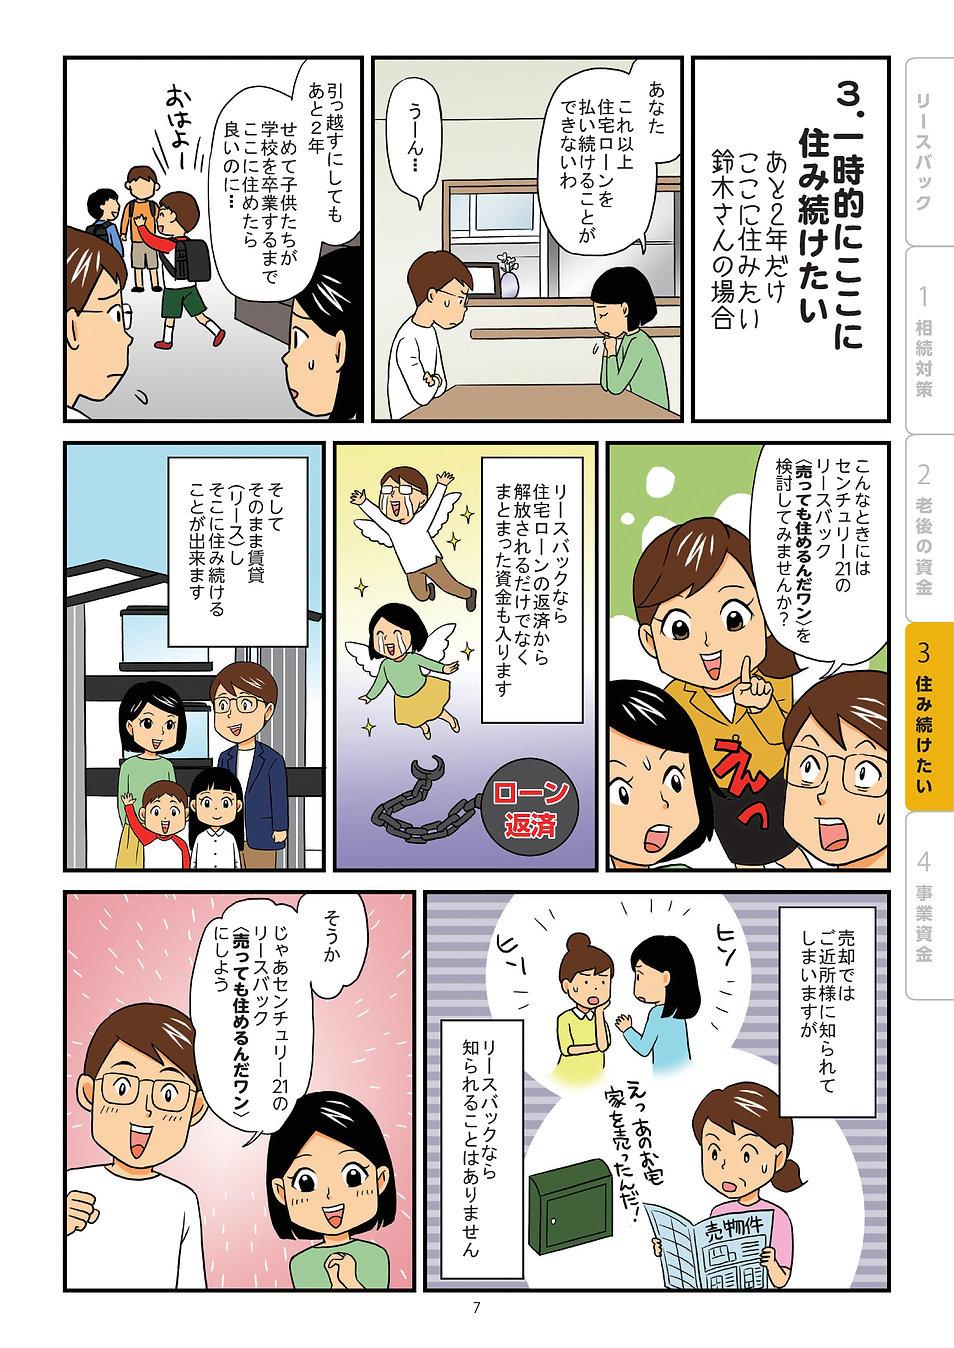 C21リースバック_新ロゴ漫画-08.jpg